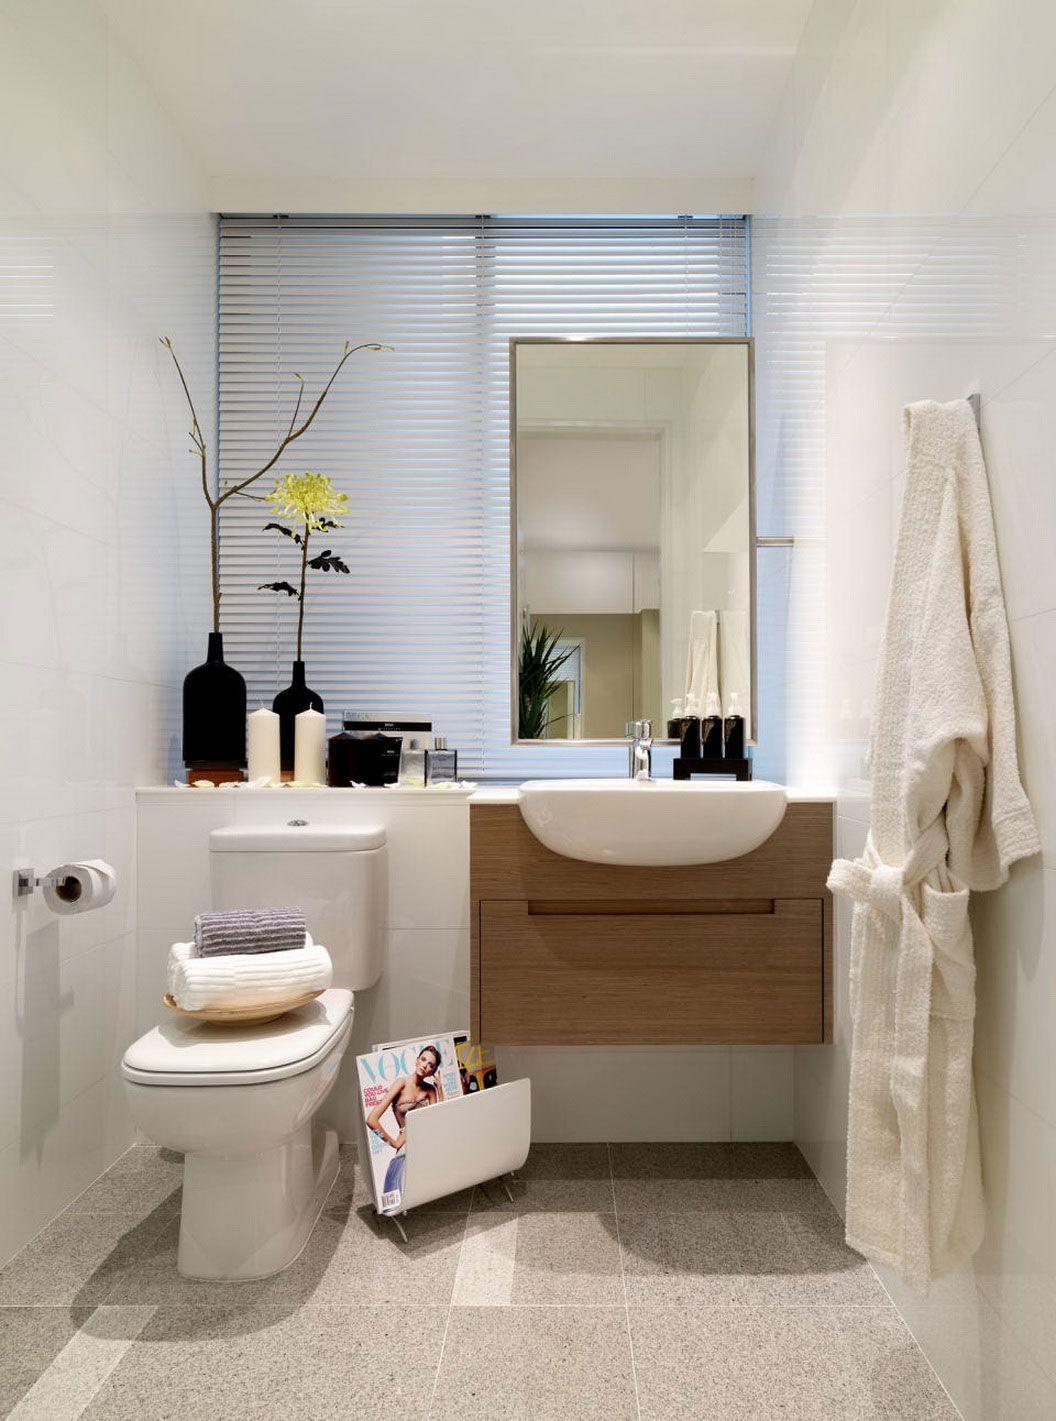 5 Bí kíp giúp nhà vệ sinh của bạn nhỏ mà vẫn đẹp mê